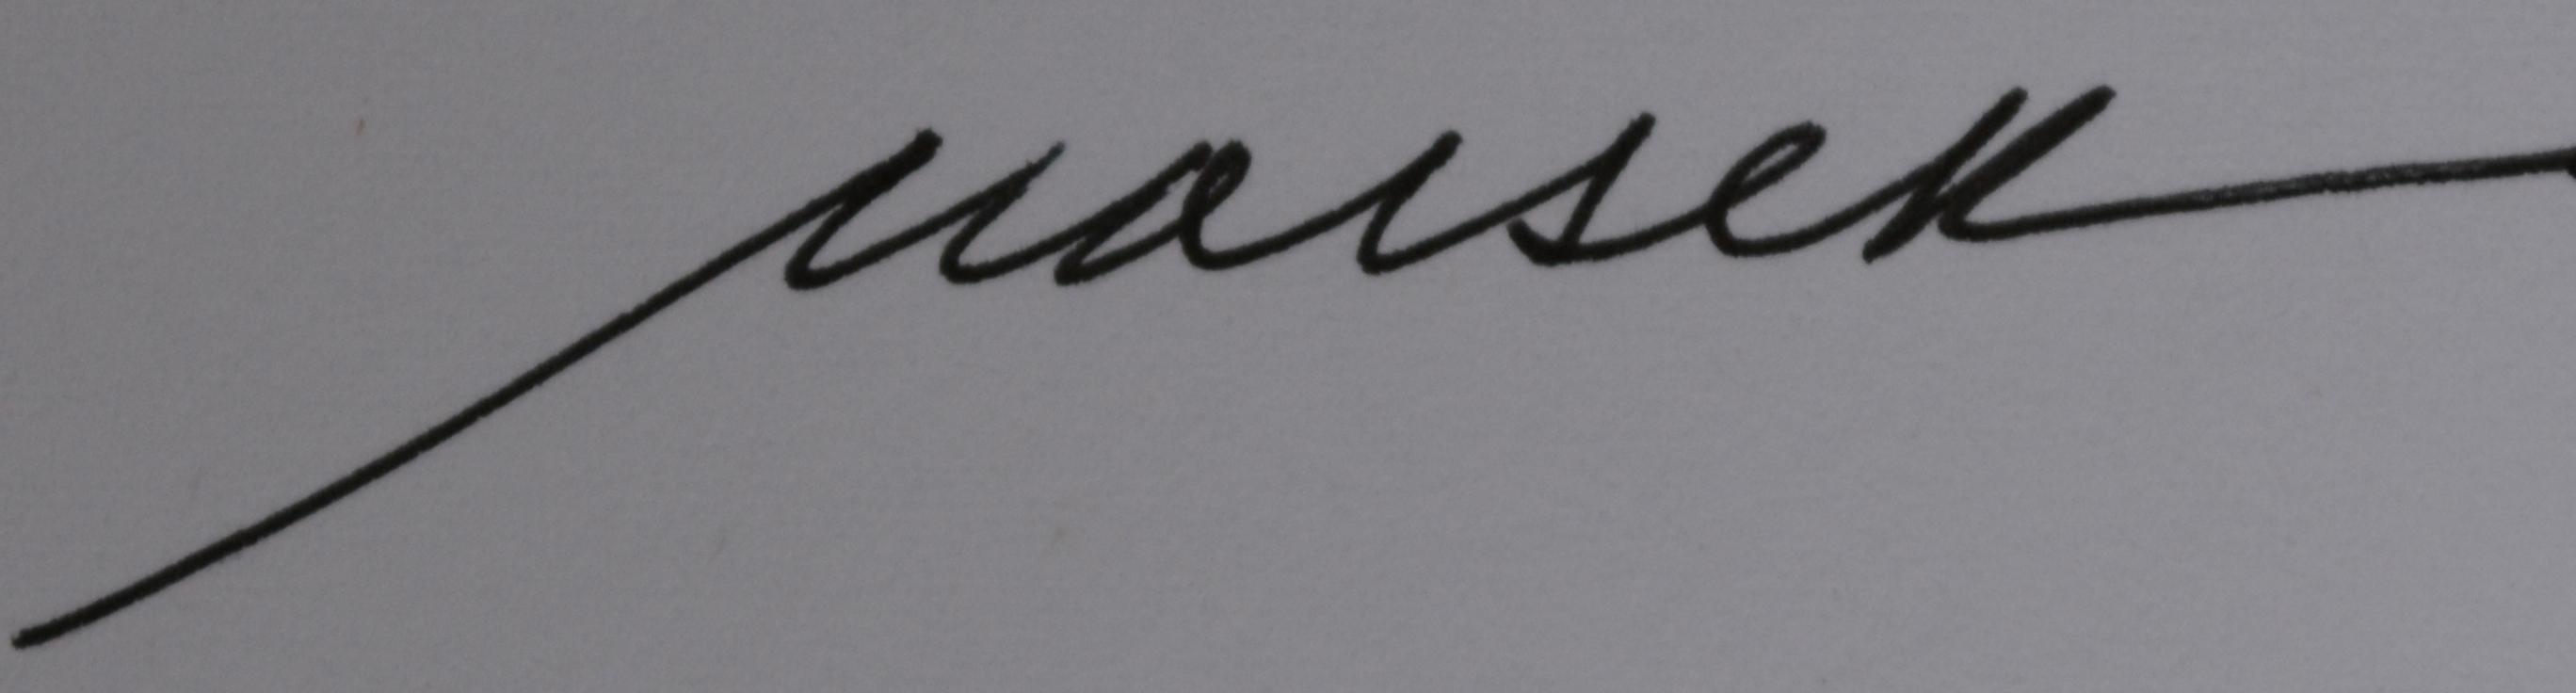 Barbara Maiser Signature